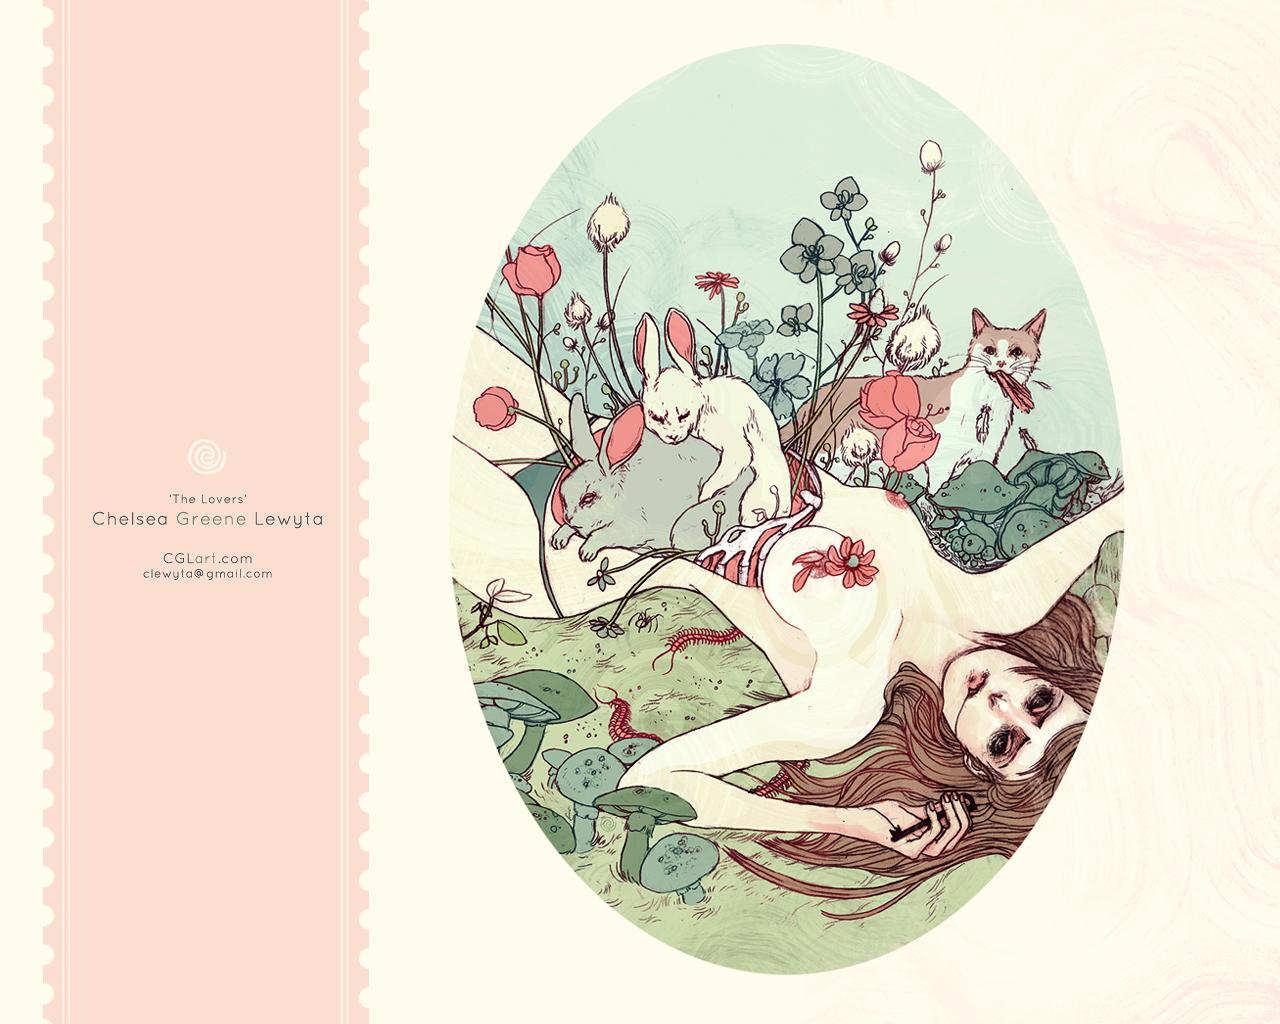 http://1.bp.blogspot.com/-1kZmX01rf2o/TgoIxihXzxI/AAAAAAAABF8/zckVgXJgpR0/s1600/thelovers_wallpaper.jpg